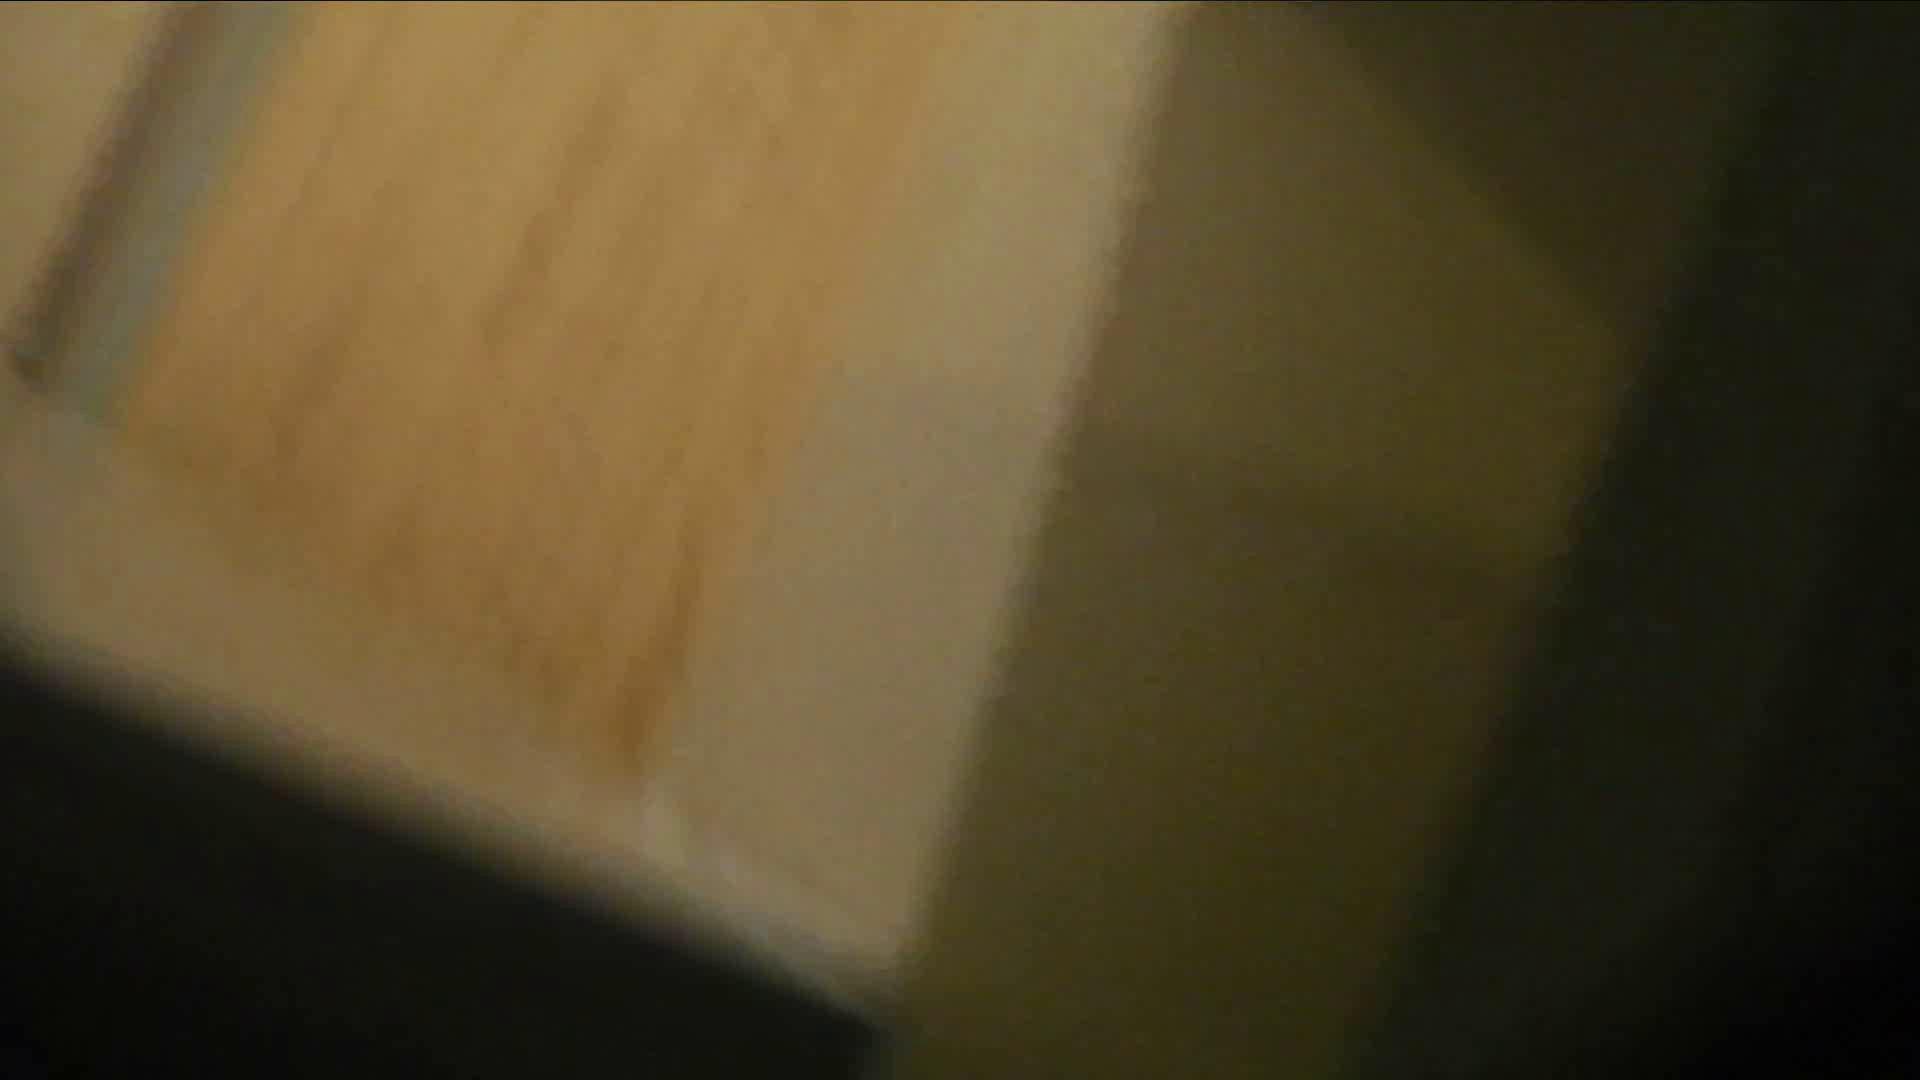 阿国ちゃんの「和式洋式七変化」No.15 洗面所 | 和式  90pic 31